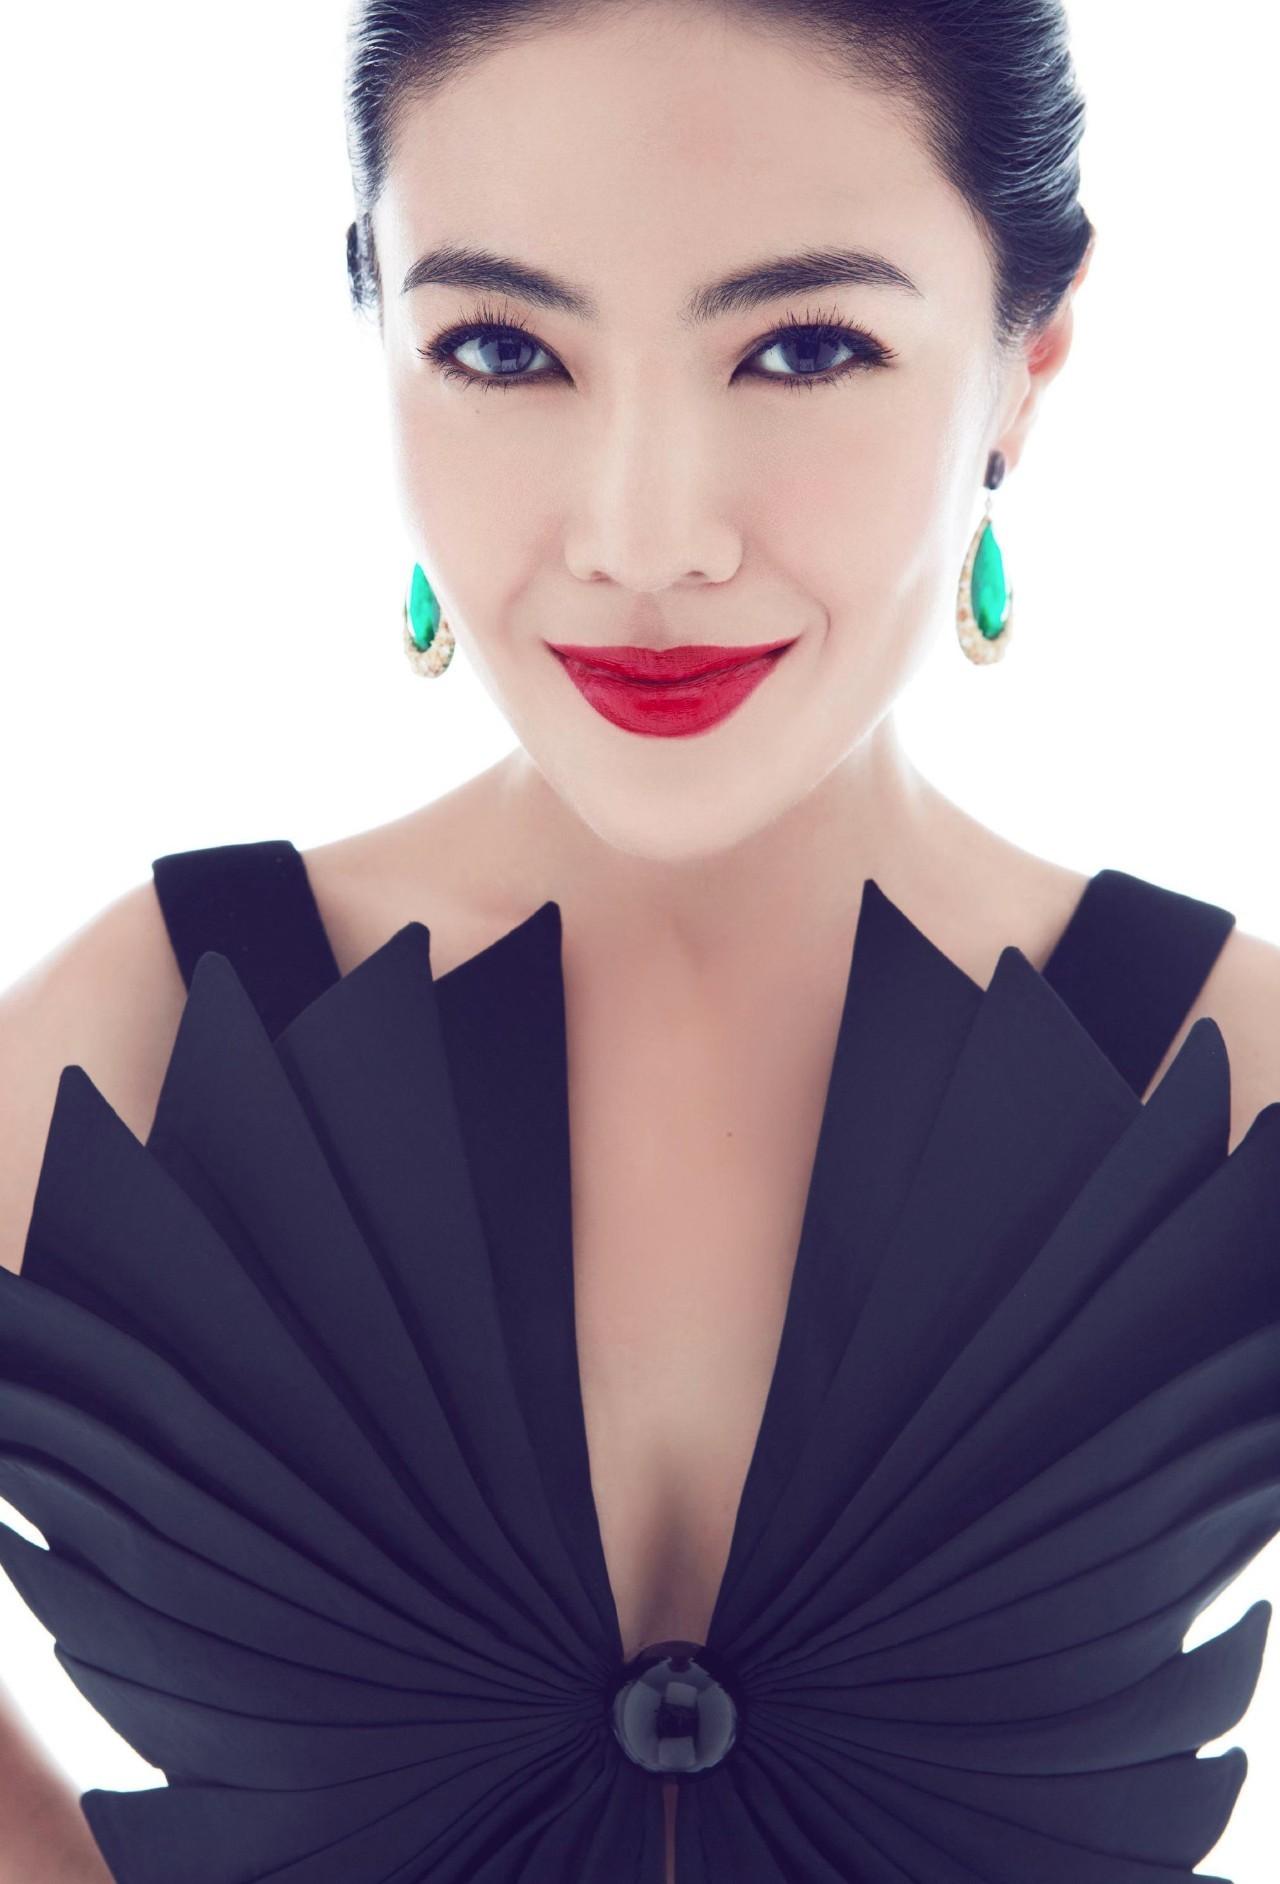 如今的时尚女总裁也曾在餐厅打工养活梦想,她靠不服输的态度赢了人生,她是苏芒,她为热爱而活!